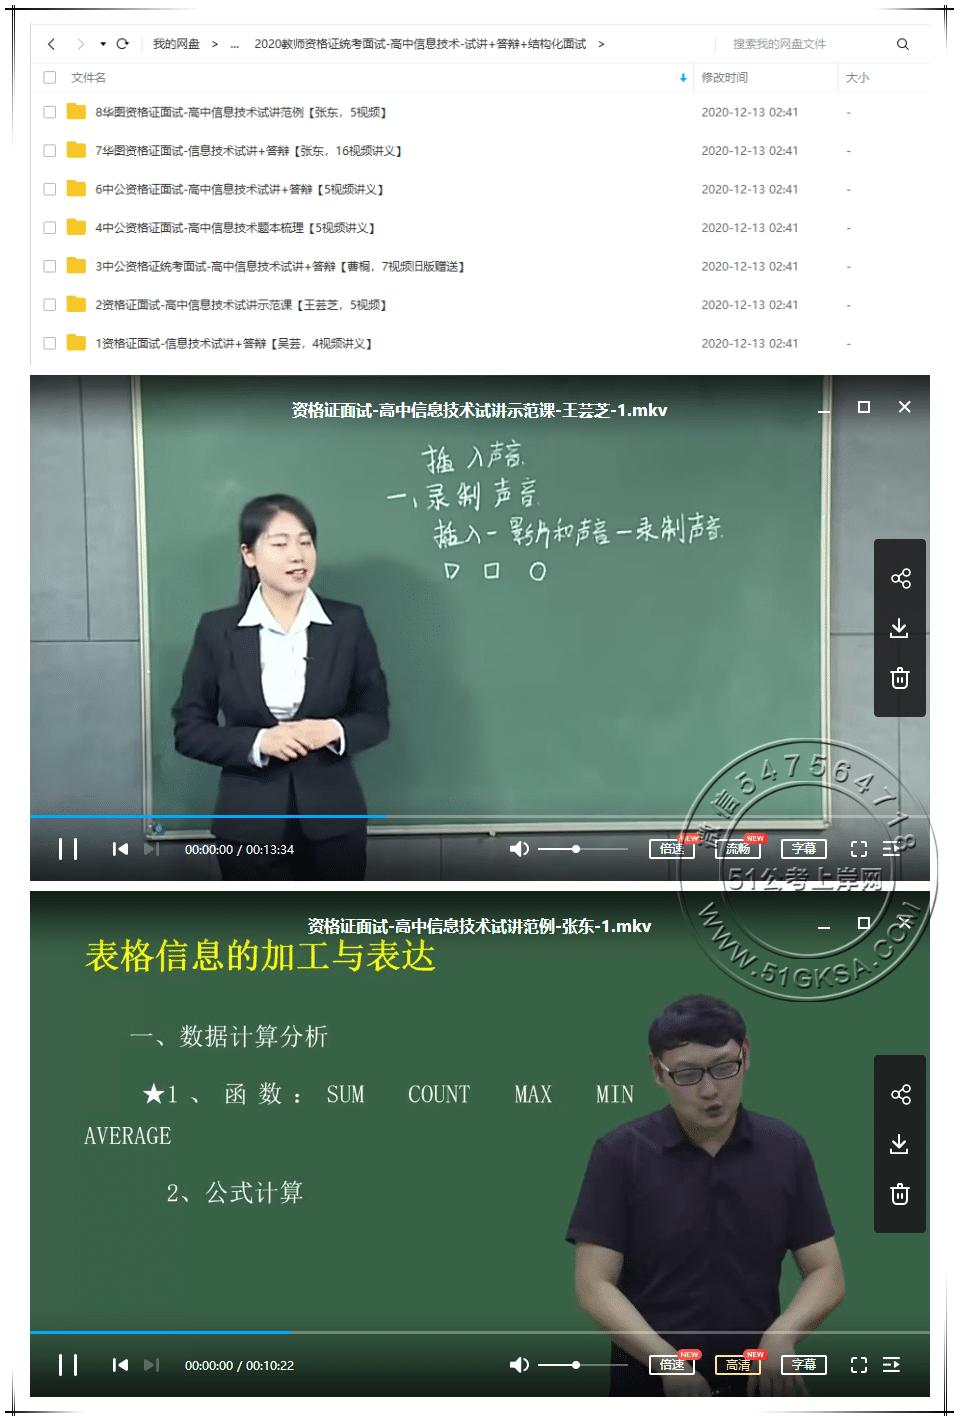 2020高中信息技术教师资格证统考面试(试讲+答辩+结构化面试)-51公考上岸网